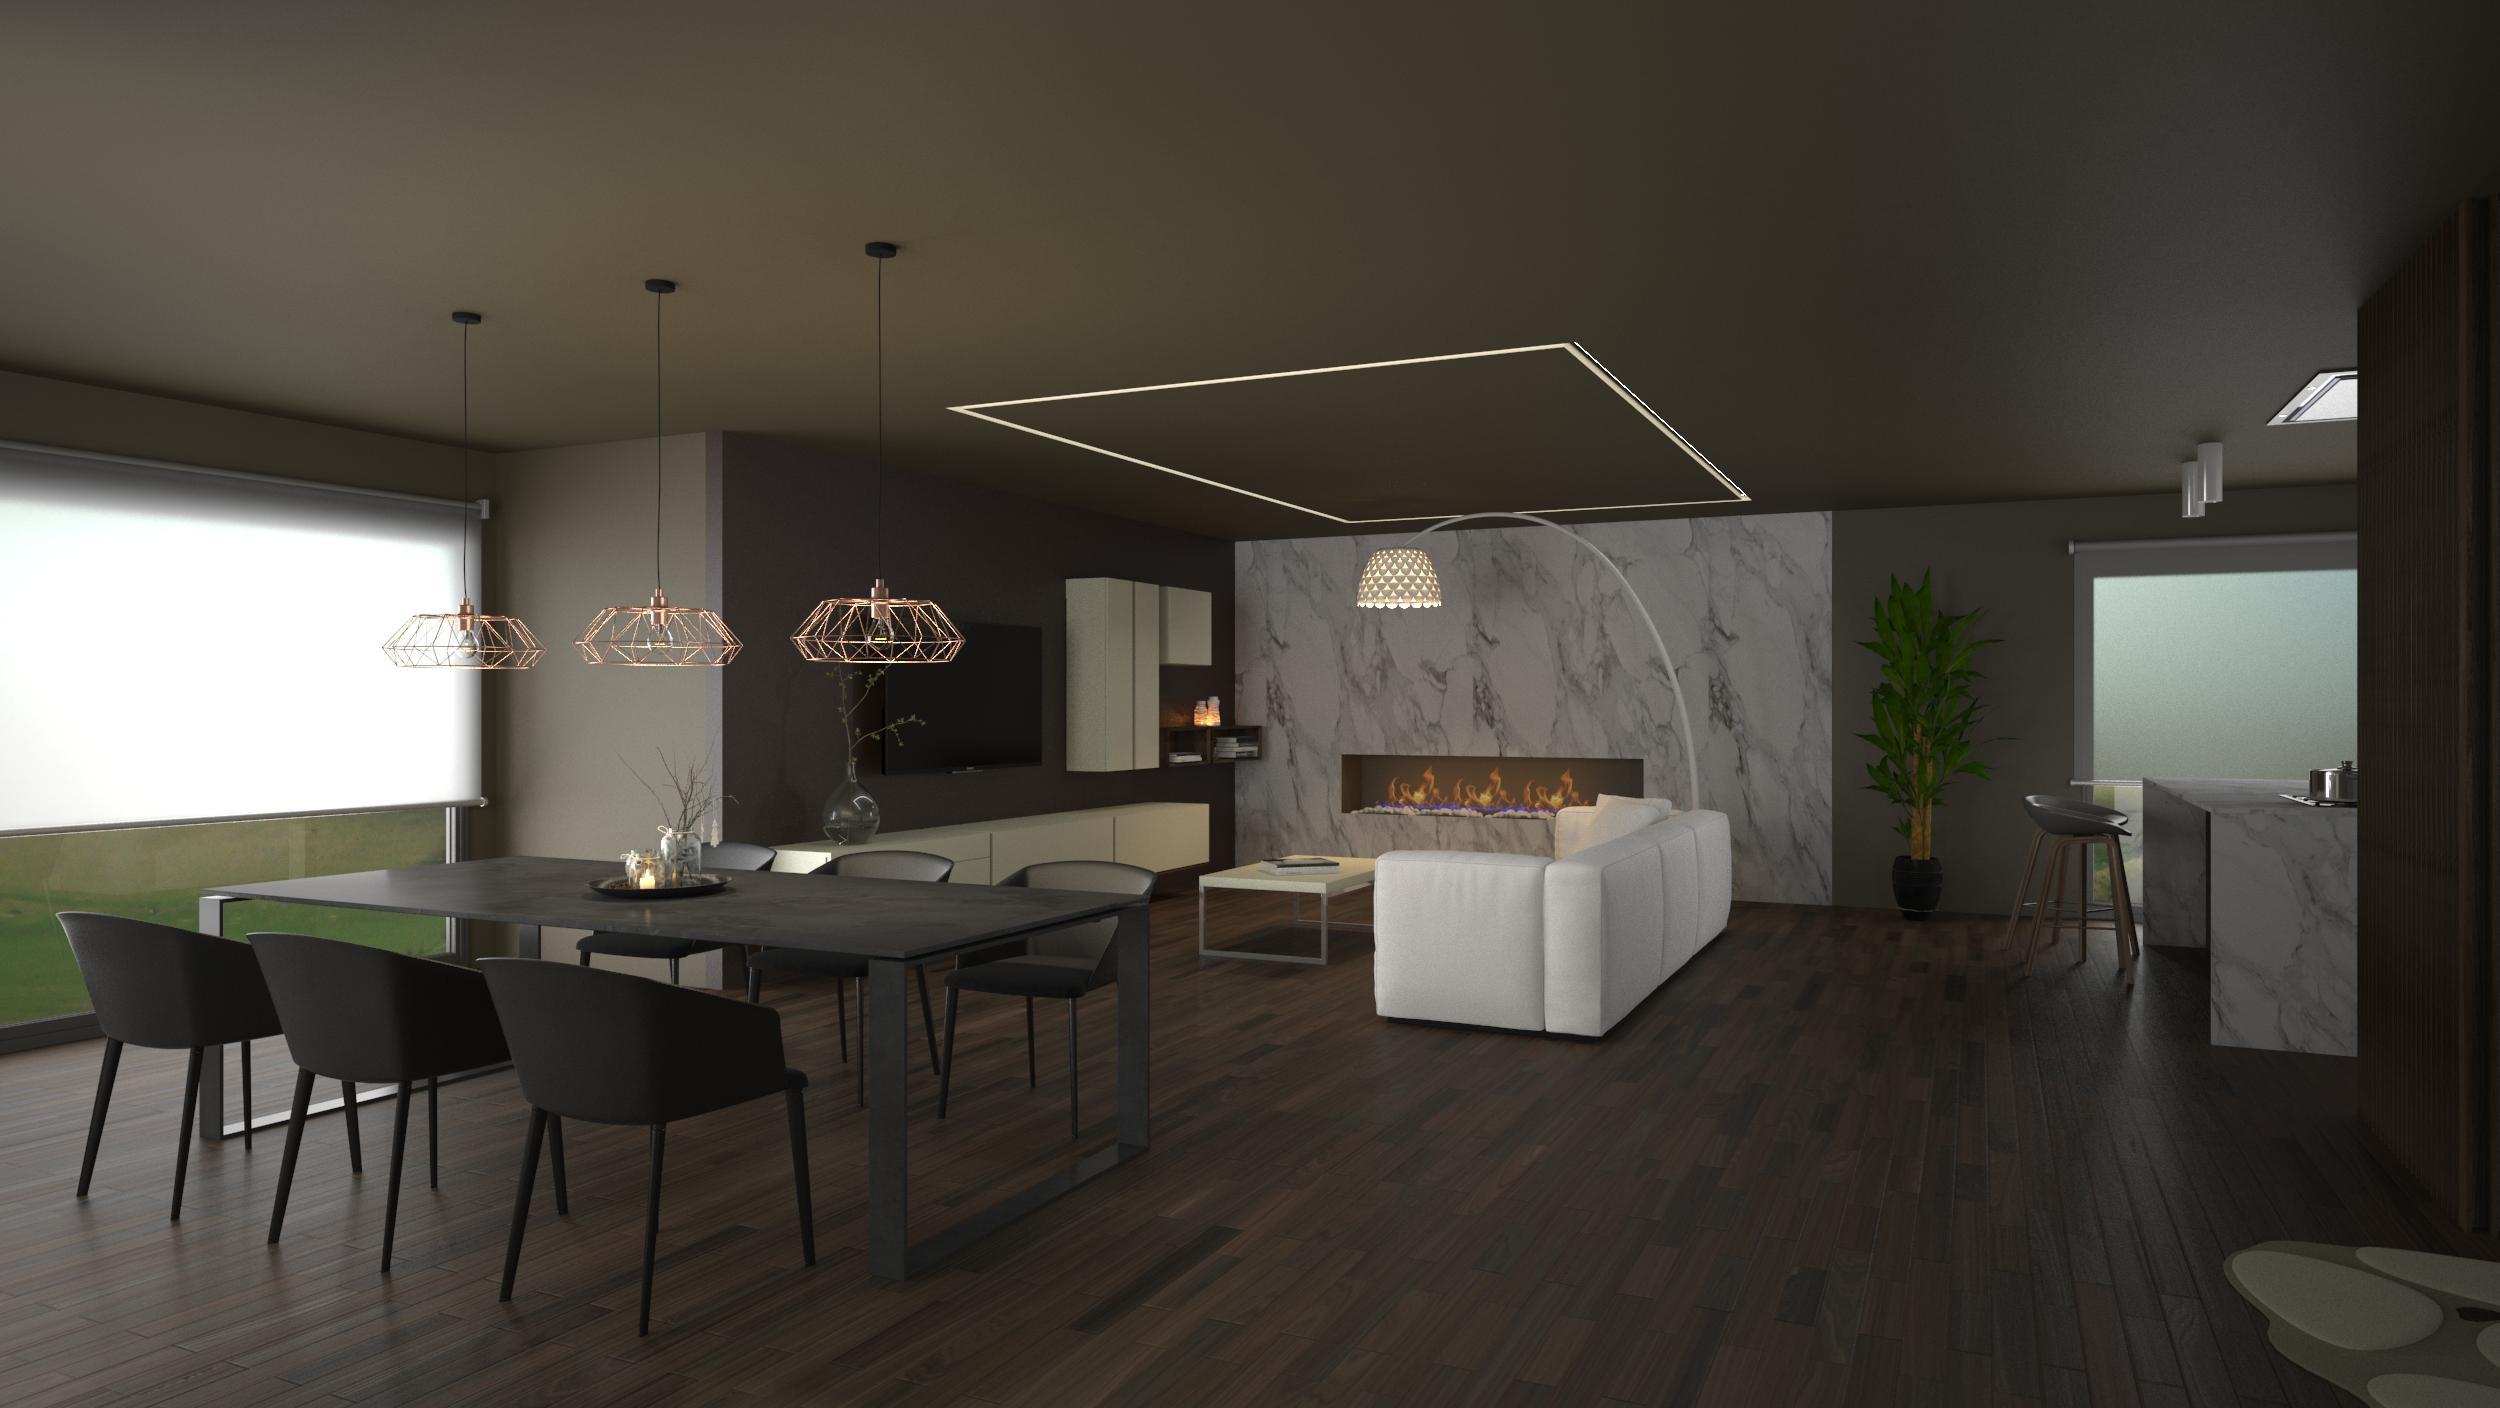 Proyectos de interiorismo en viviendas interioristas en - Proyectos de interiorismo online ...